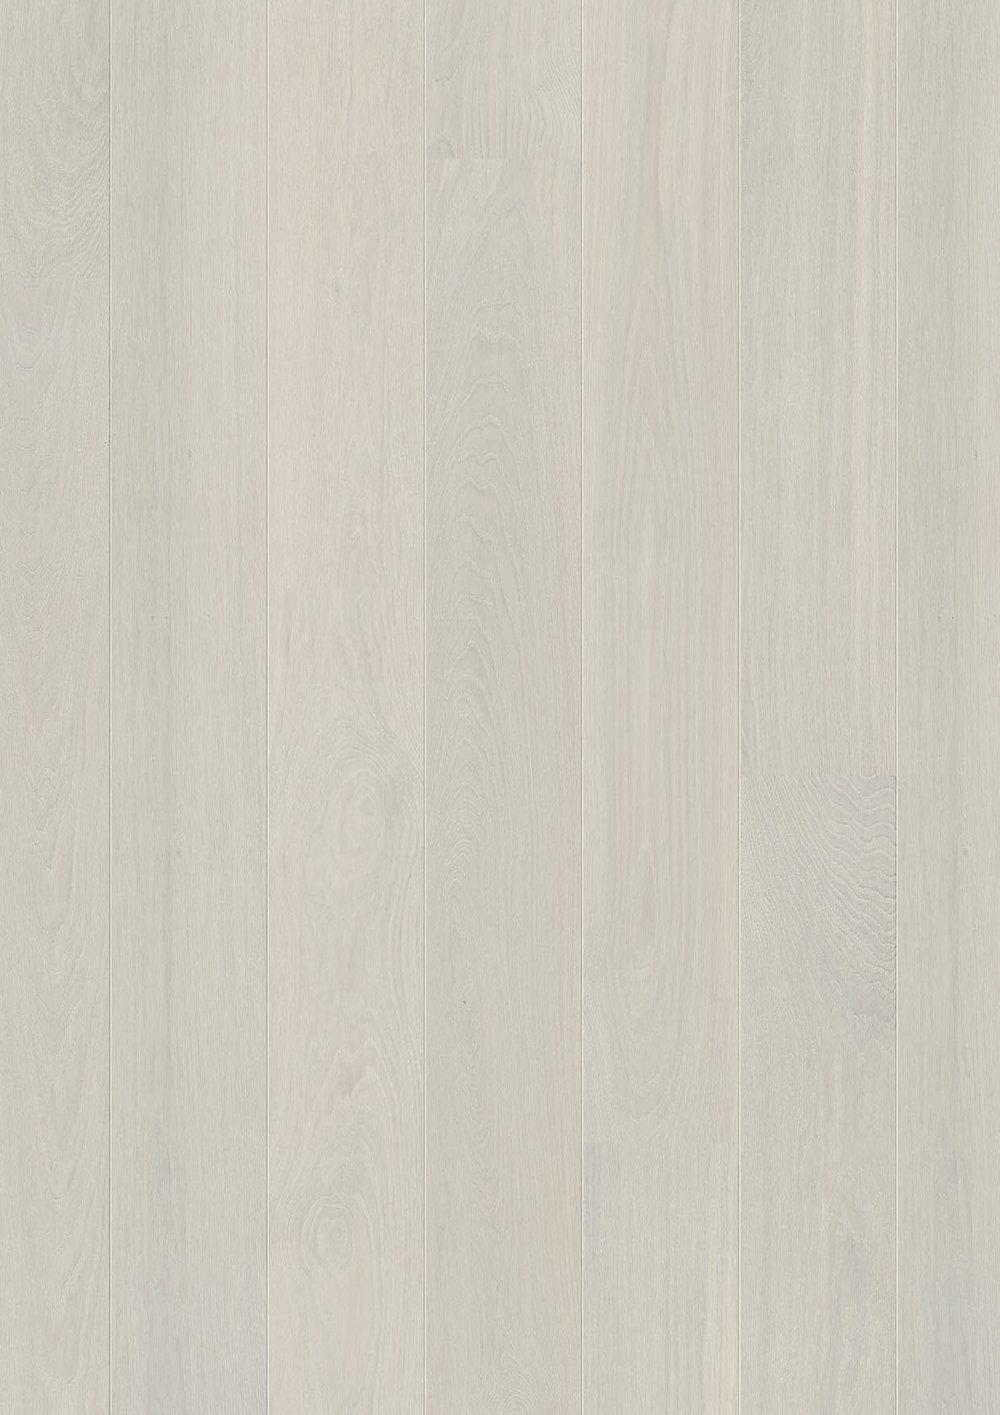 Oak-Andante-White-Castle-Luxury-Plank.jpg